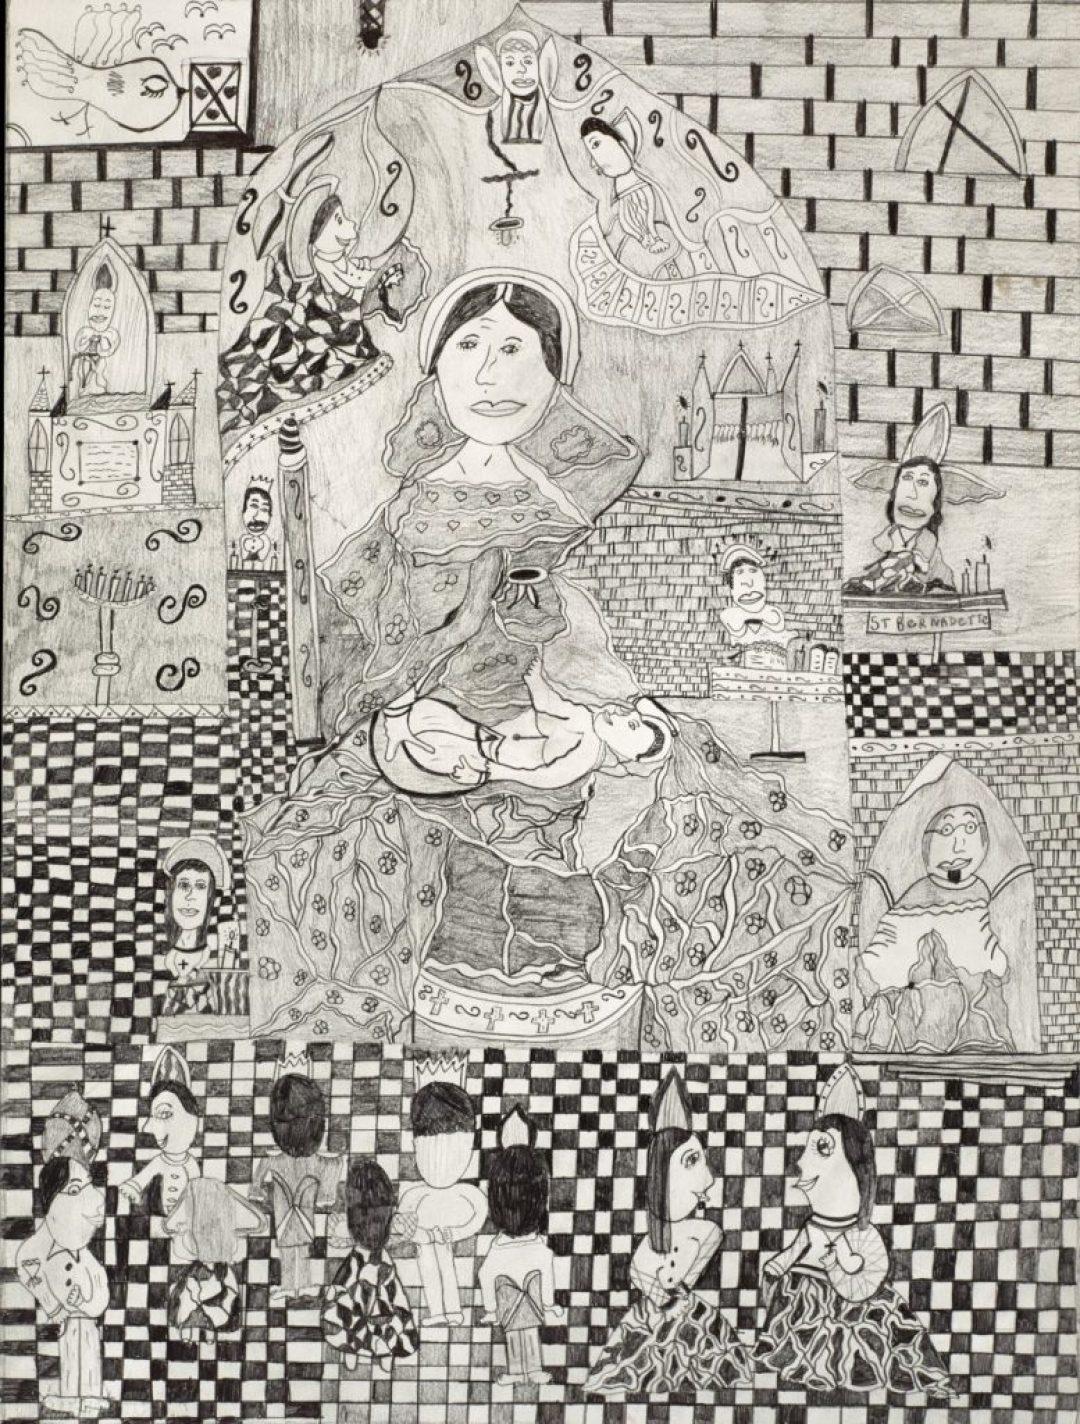 Christelle Hawkaluk, sans titre, 2010, crayon gris sur papier, 73 x 55 cm